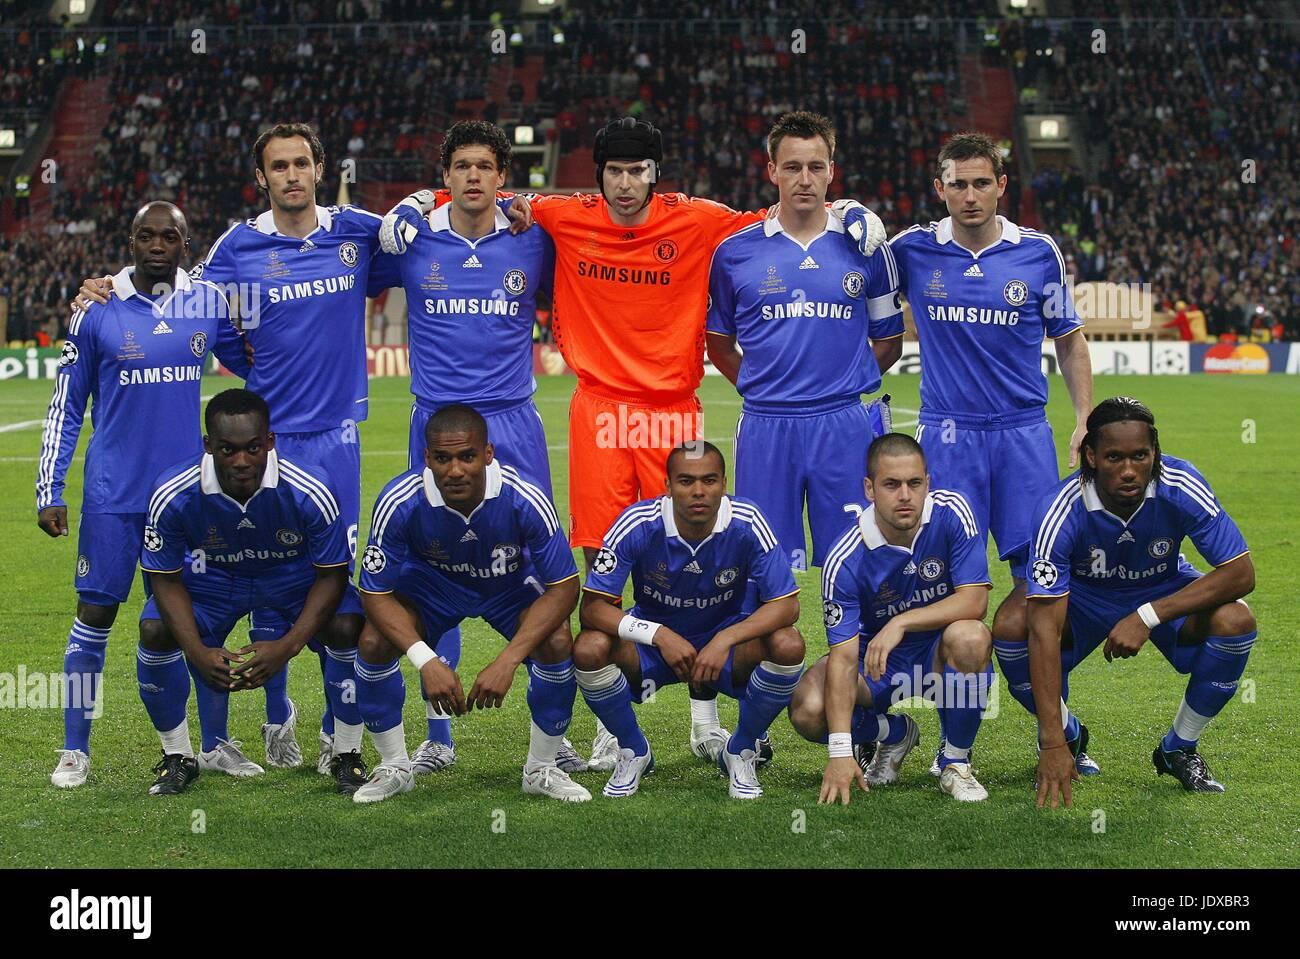 chelsea-team-champions-league-final-2008